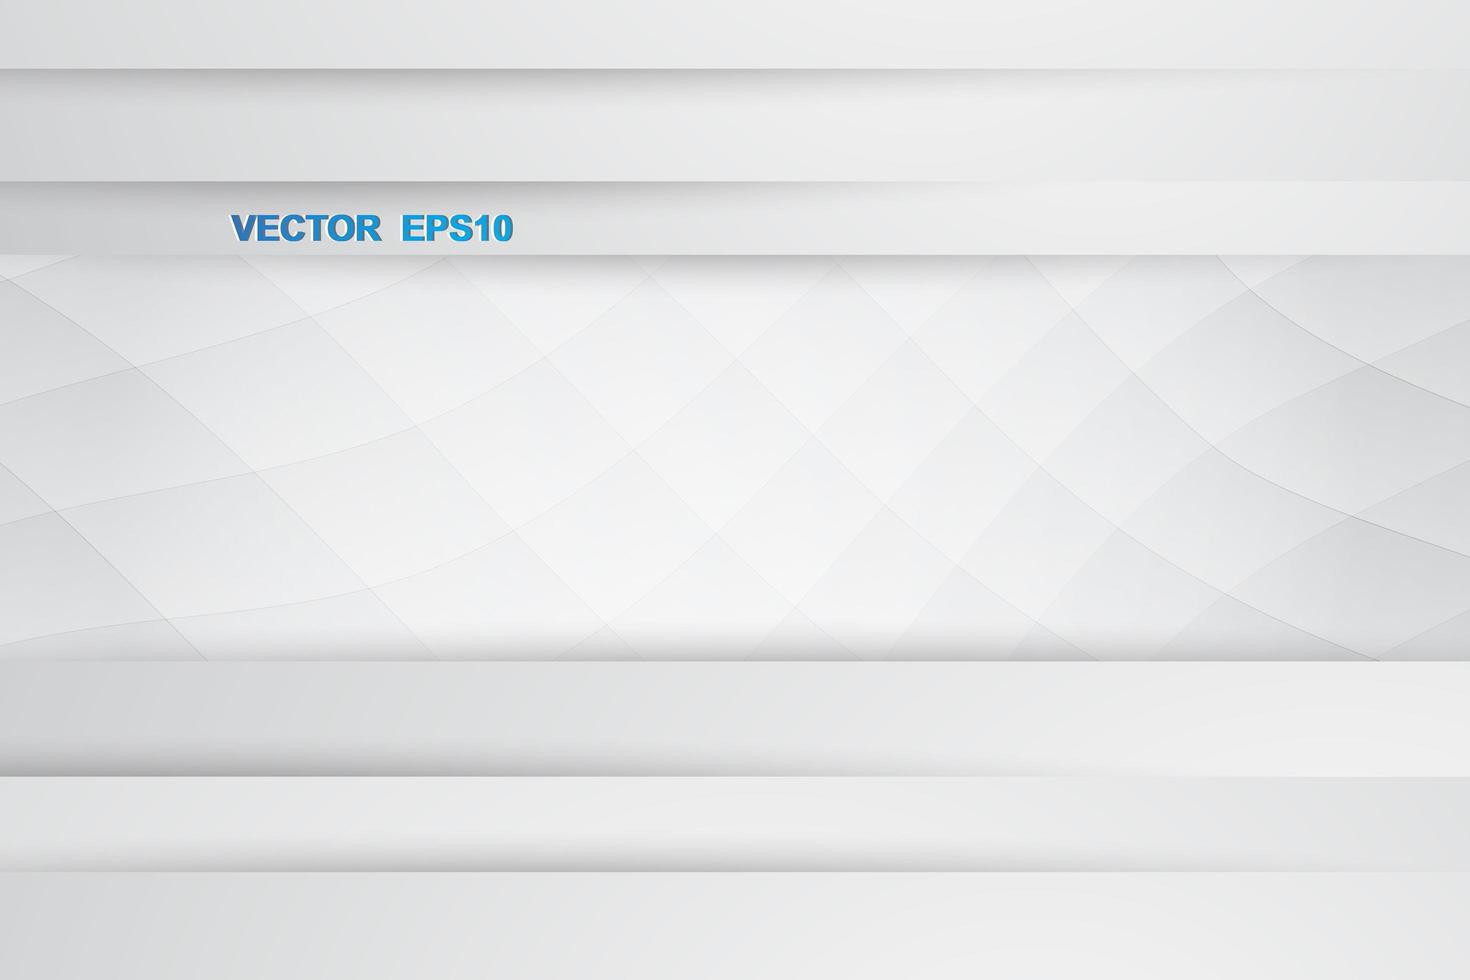 Textura de papel abstracto moderno fondo transparente vector